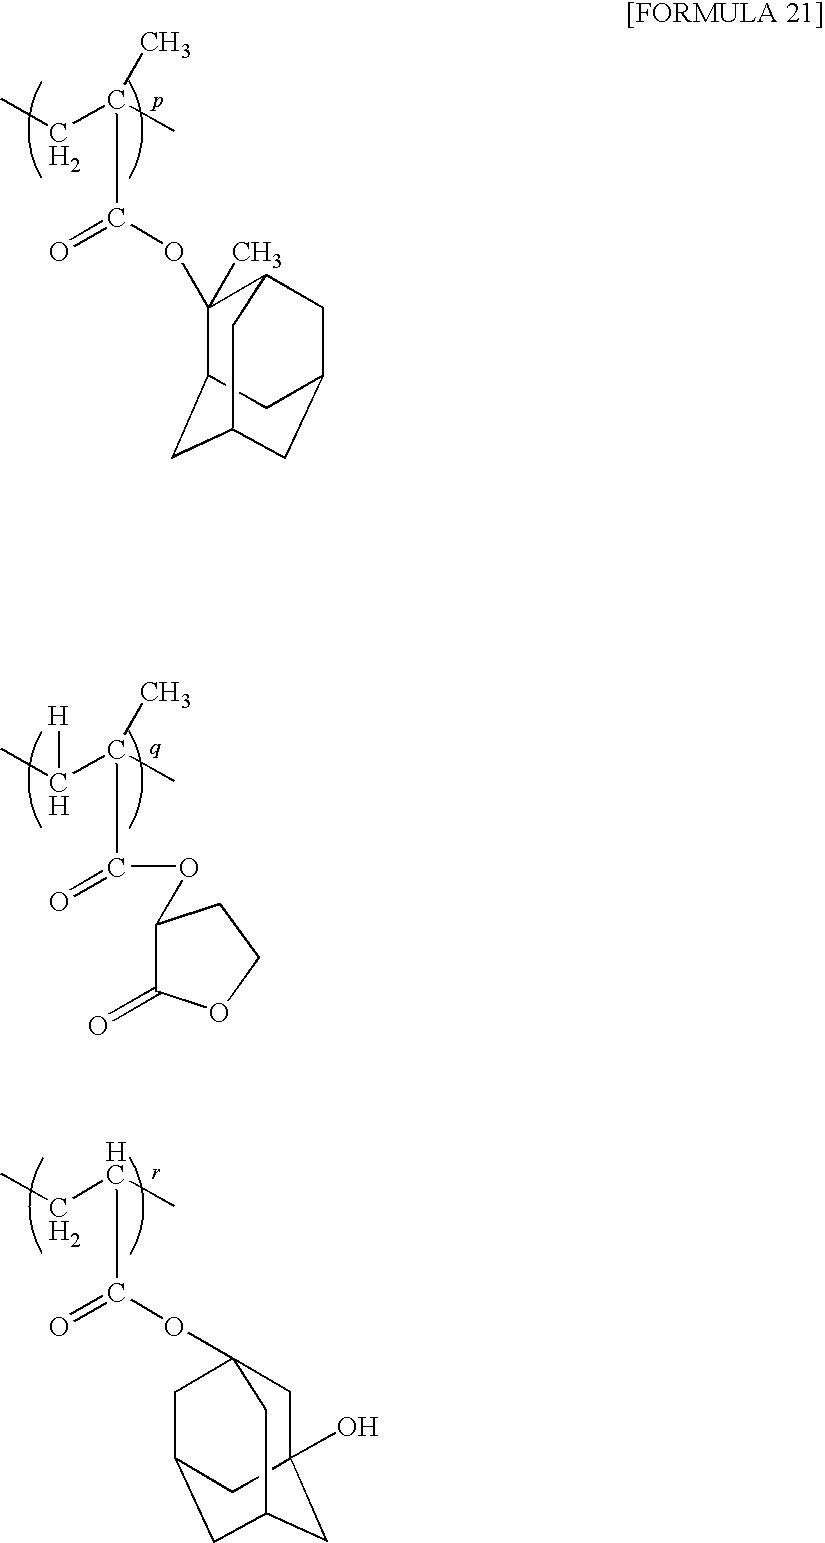 Figure US07541138-20090602-C00019